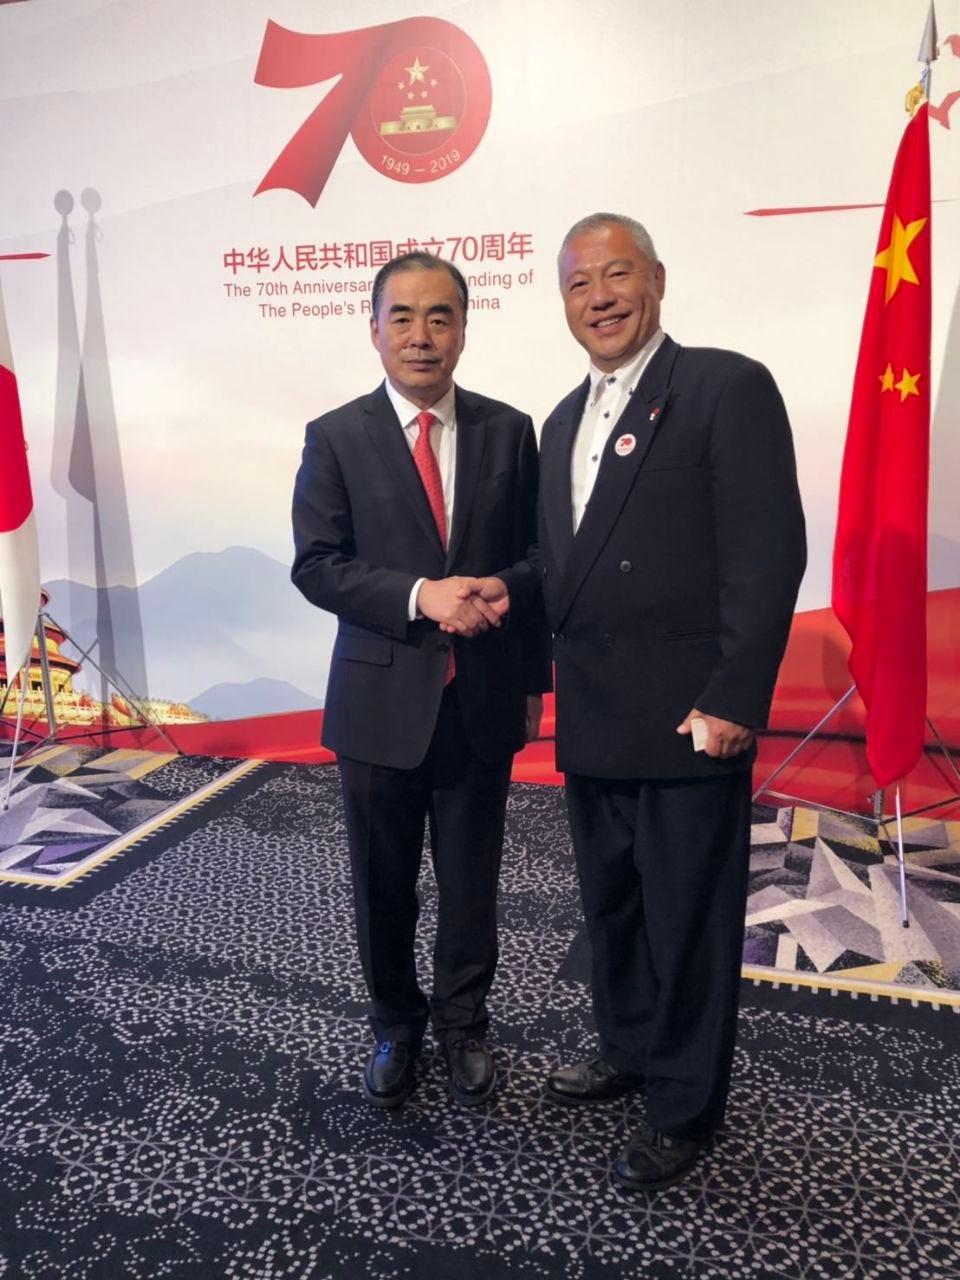 中国大使館認定のレストランで本場の中華料理をご堪能下さい!